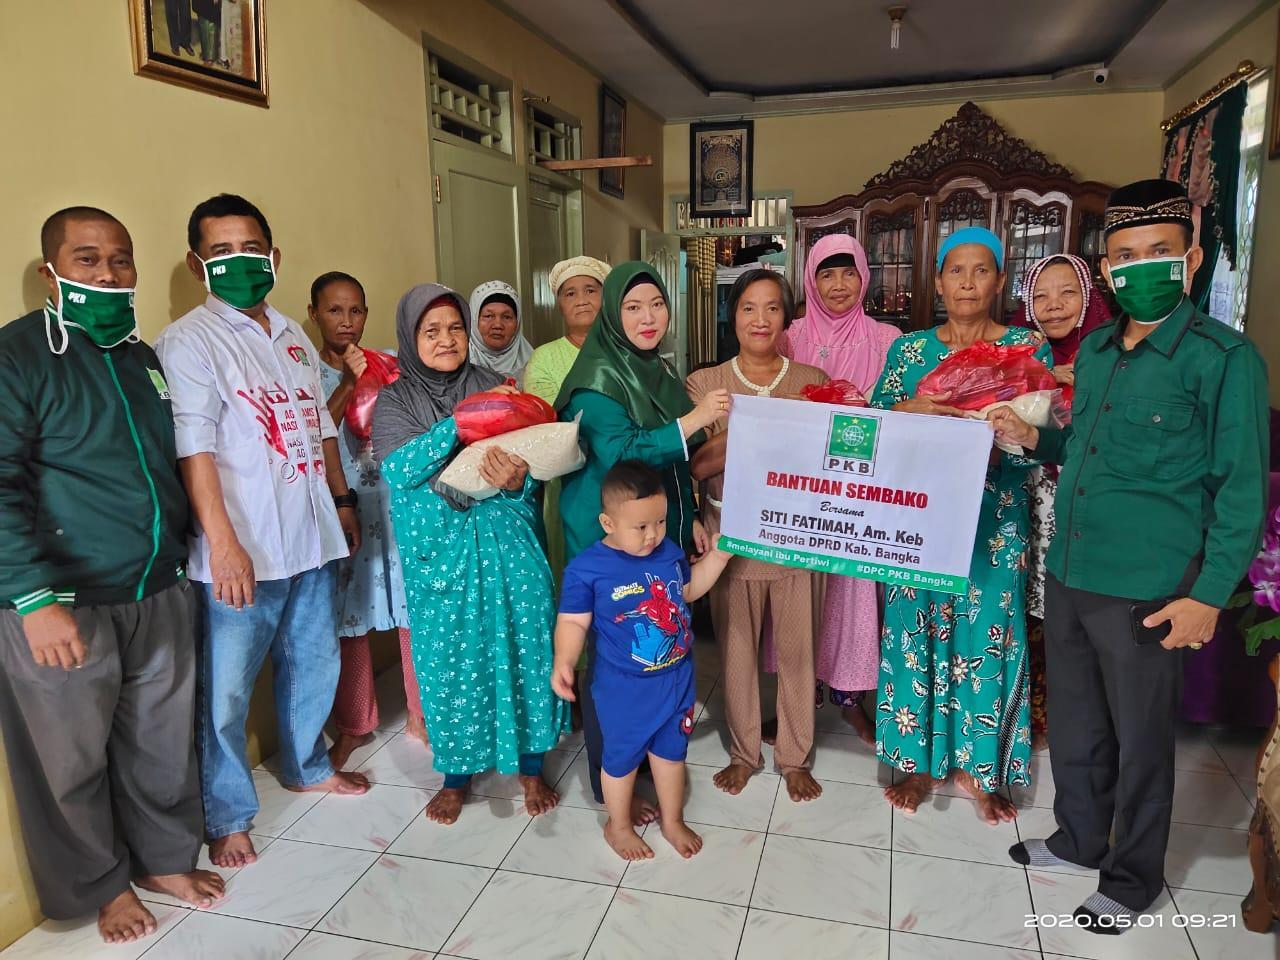 PKB Buktikan Kontrak Politik Dengan Rakyat: Bagi Sembako, Gelar Khitanan Hingga Suntik KB Gratis